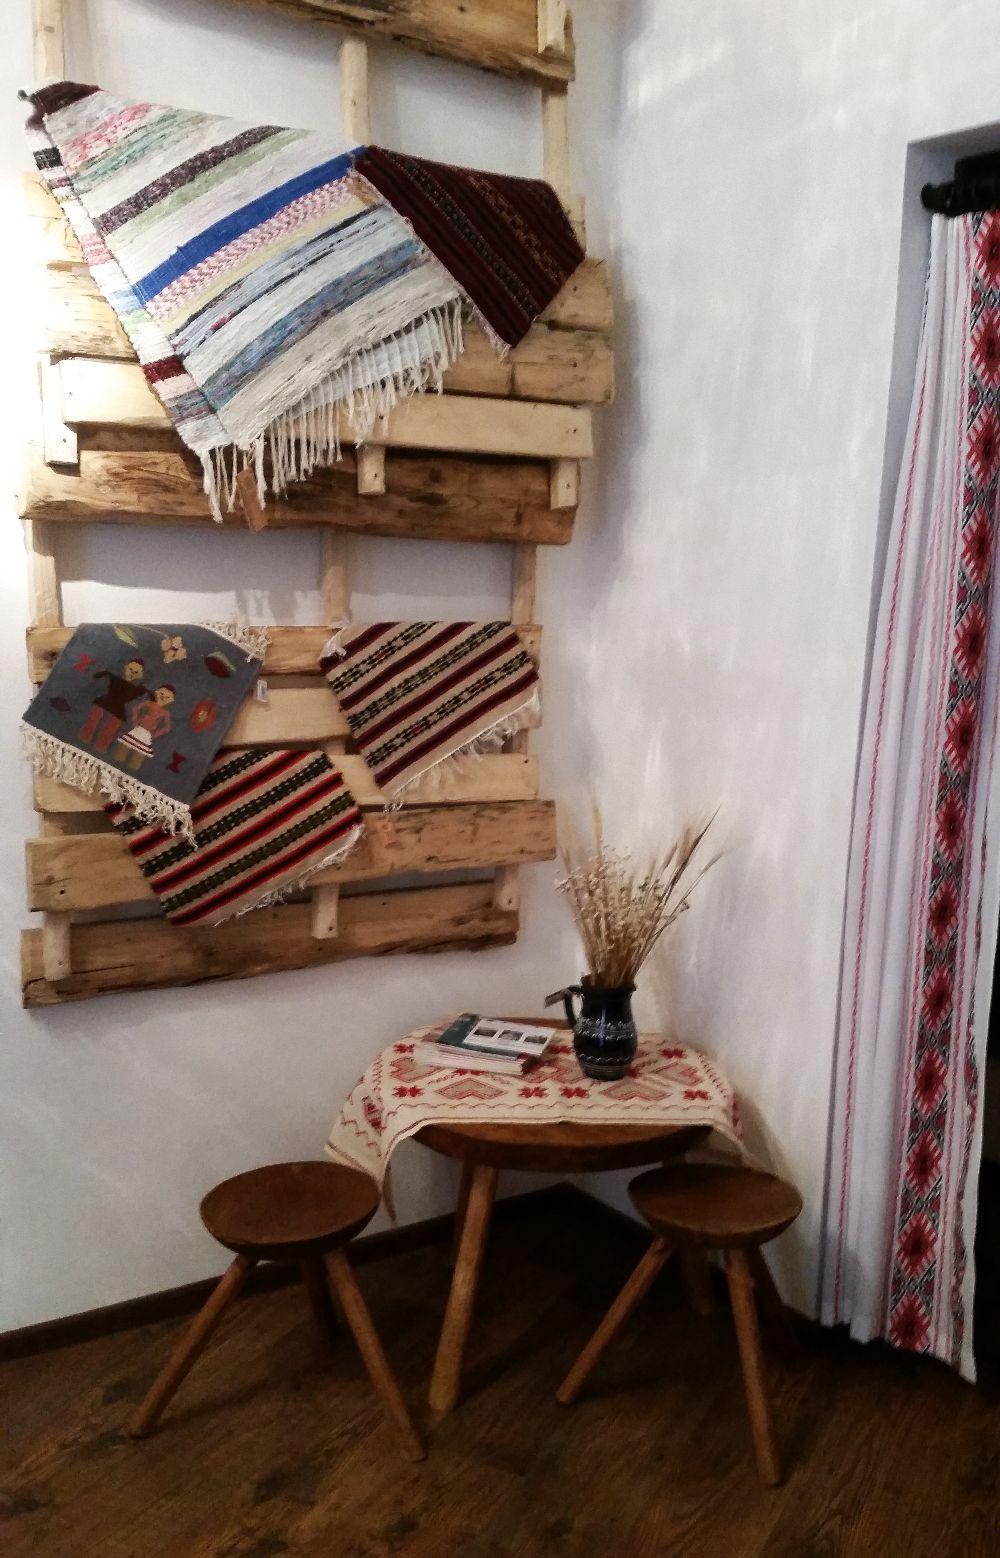 adelaparvu.com despremagazin cu obiecte traditionale, My Romanian Store Bucharest (14)